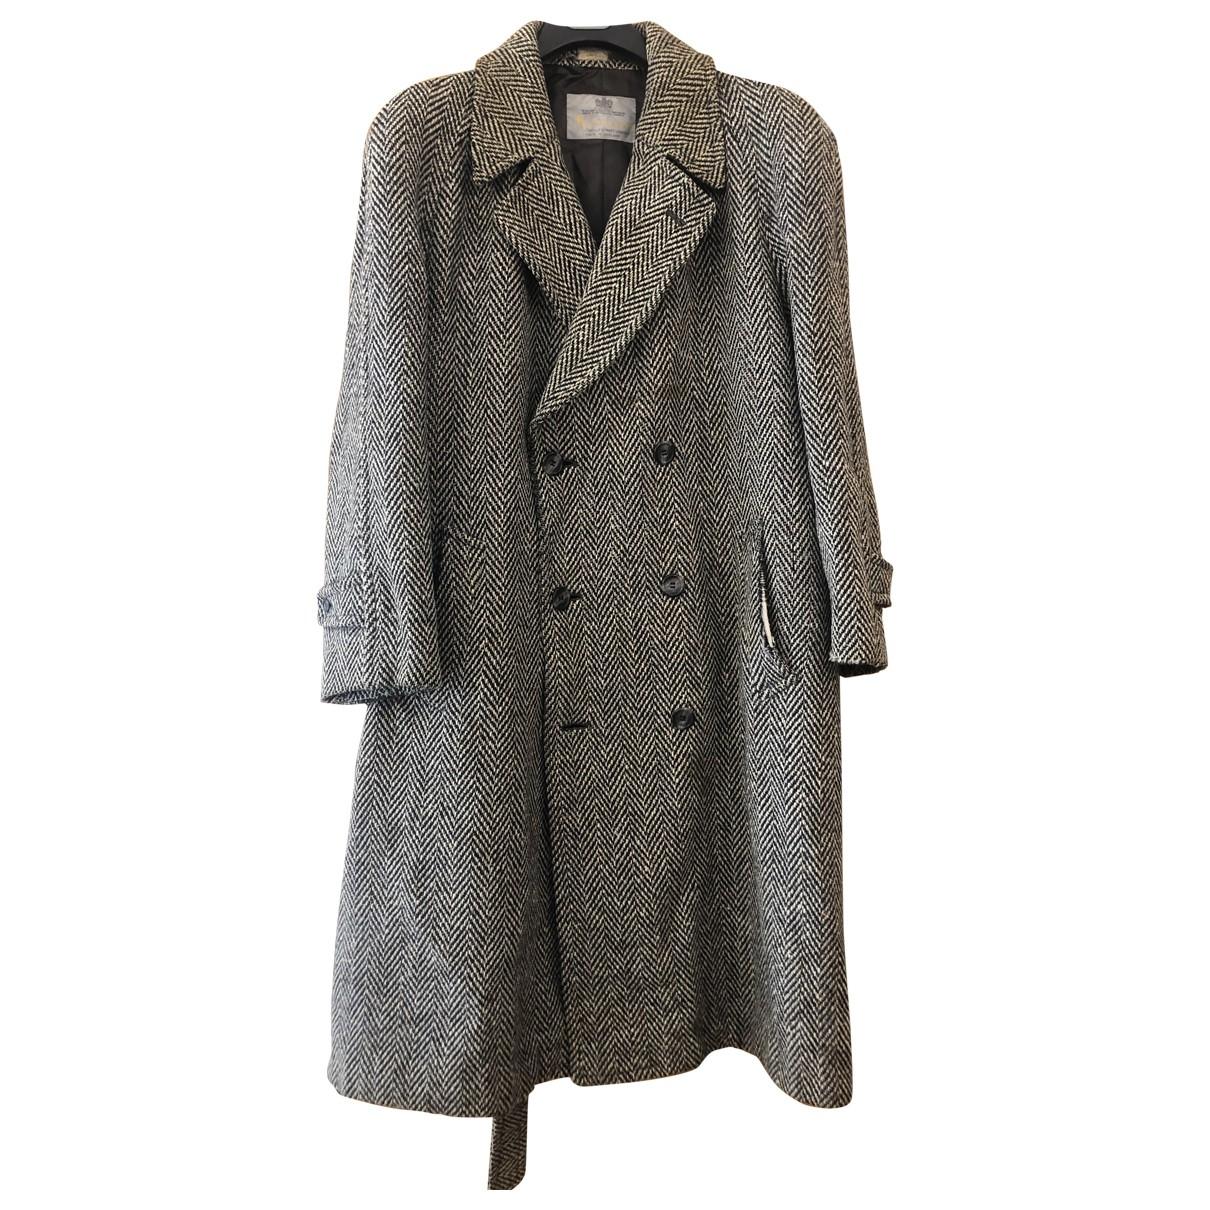 Aquascutum \N Wool coat  for Men 44 UK - US